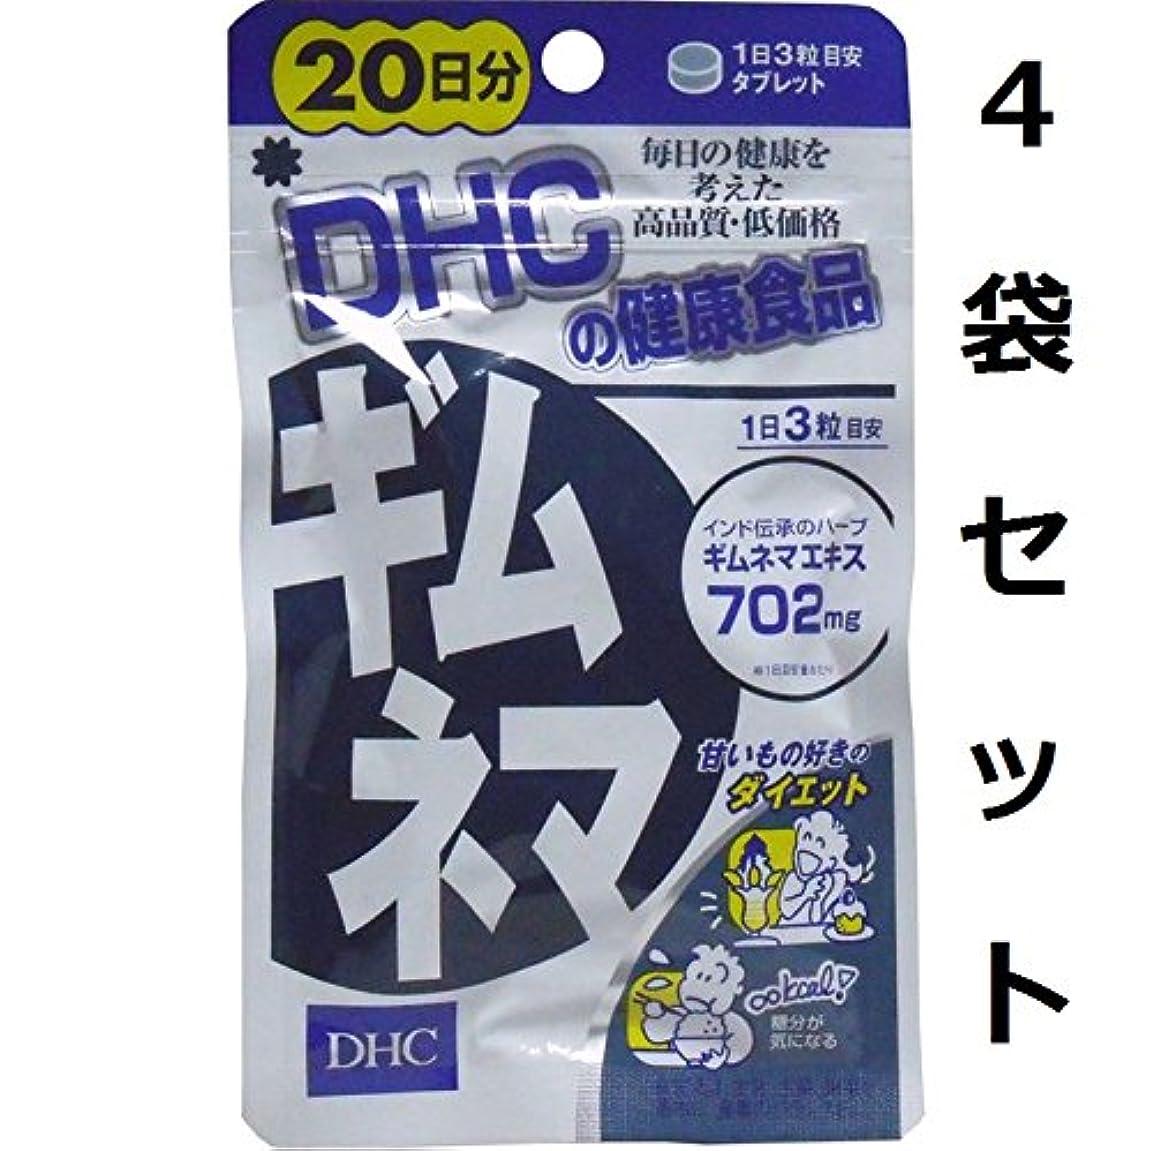 成功に慣れうるさい糖分や炭水化物を多く摂る人に DHC ギムネマ 20日分 60粒 4袋セット